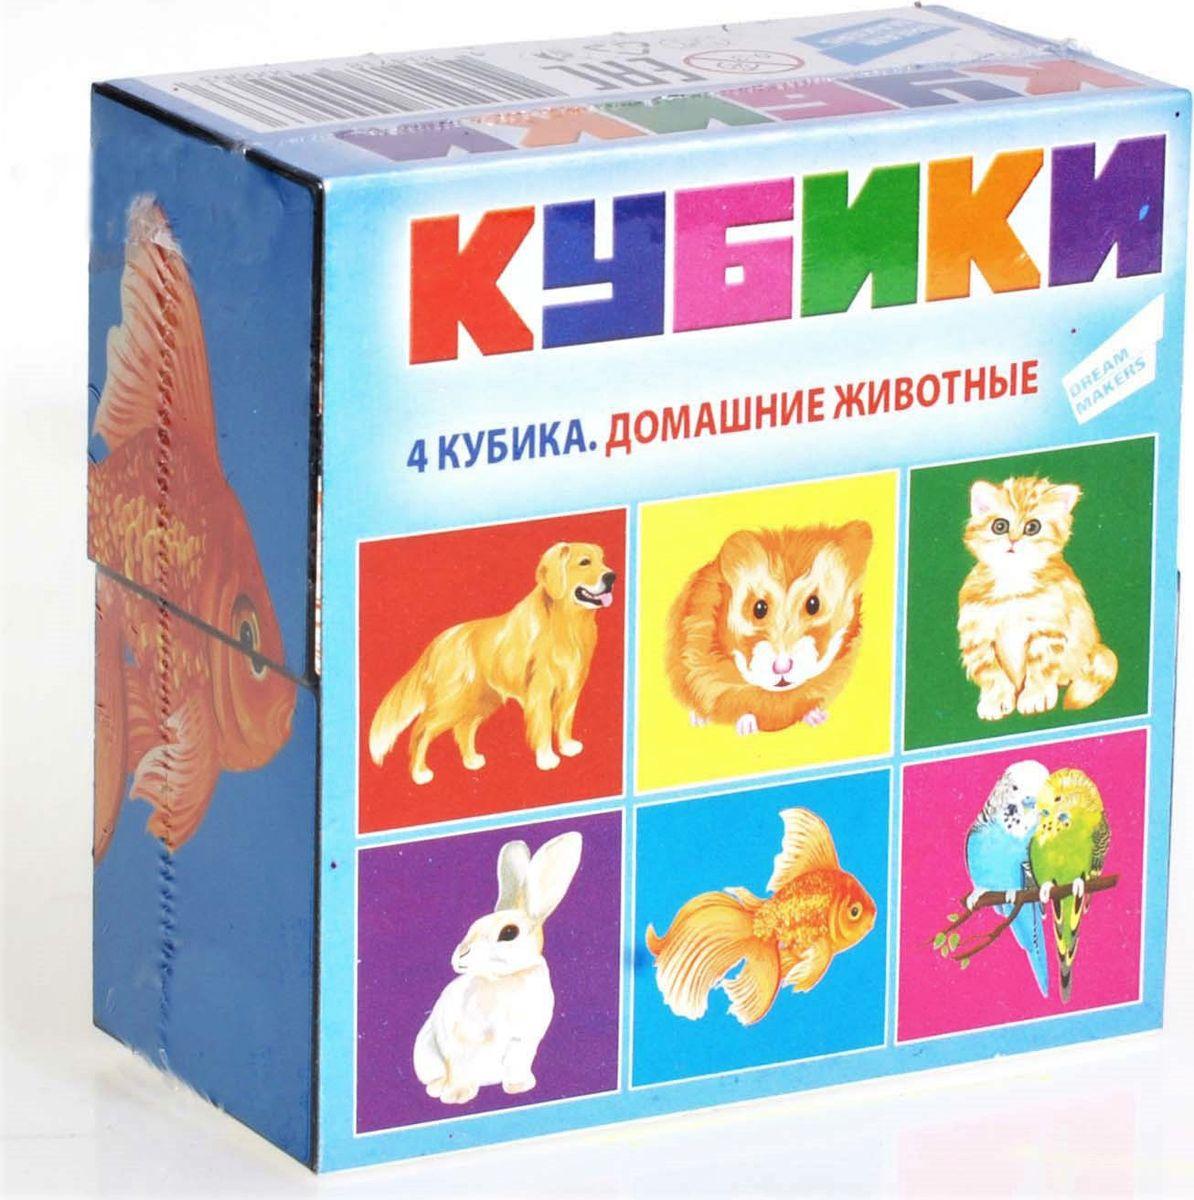 Dream Makers Кубики Домашние животные 4 шт кубики томик домашние животные 9 шт 4444 3